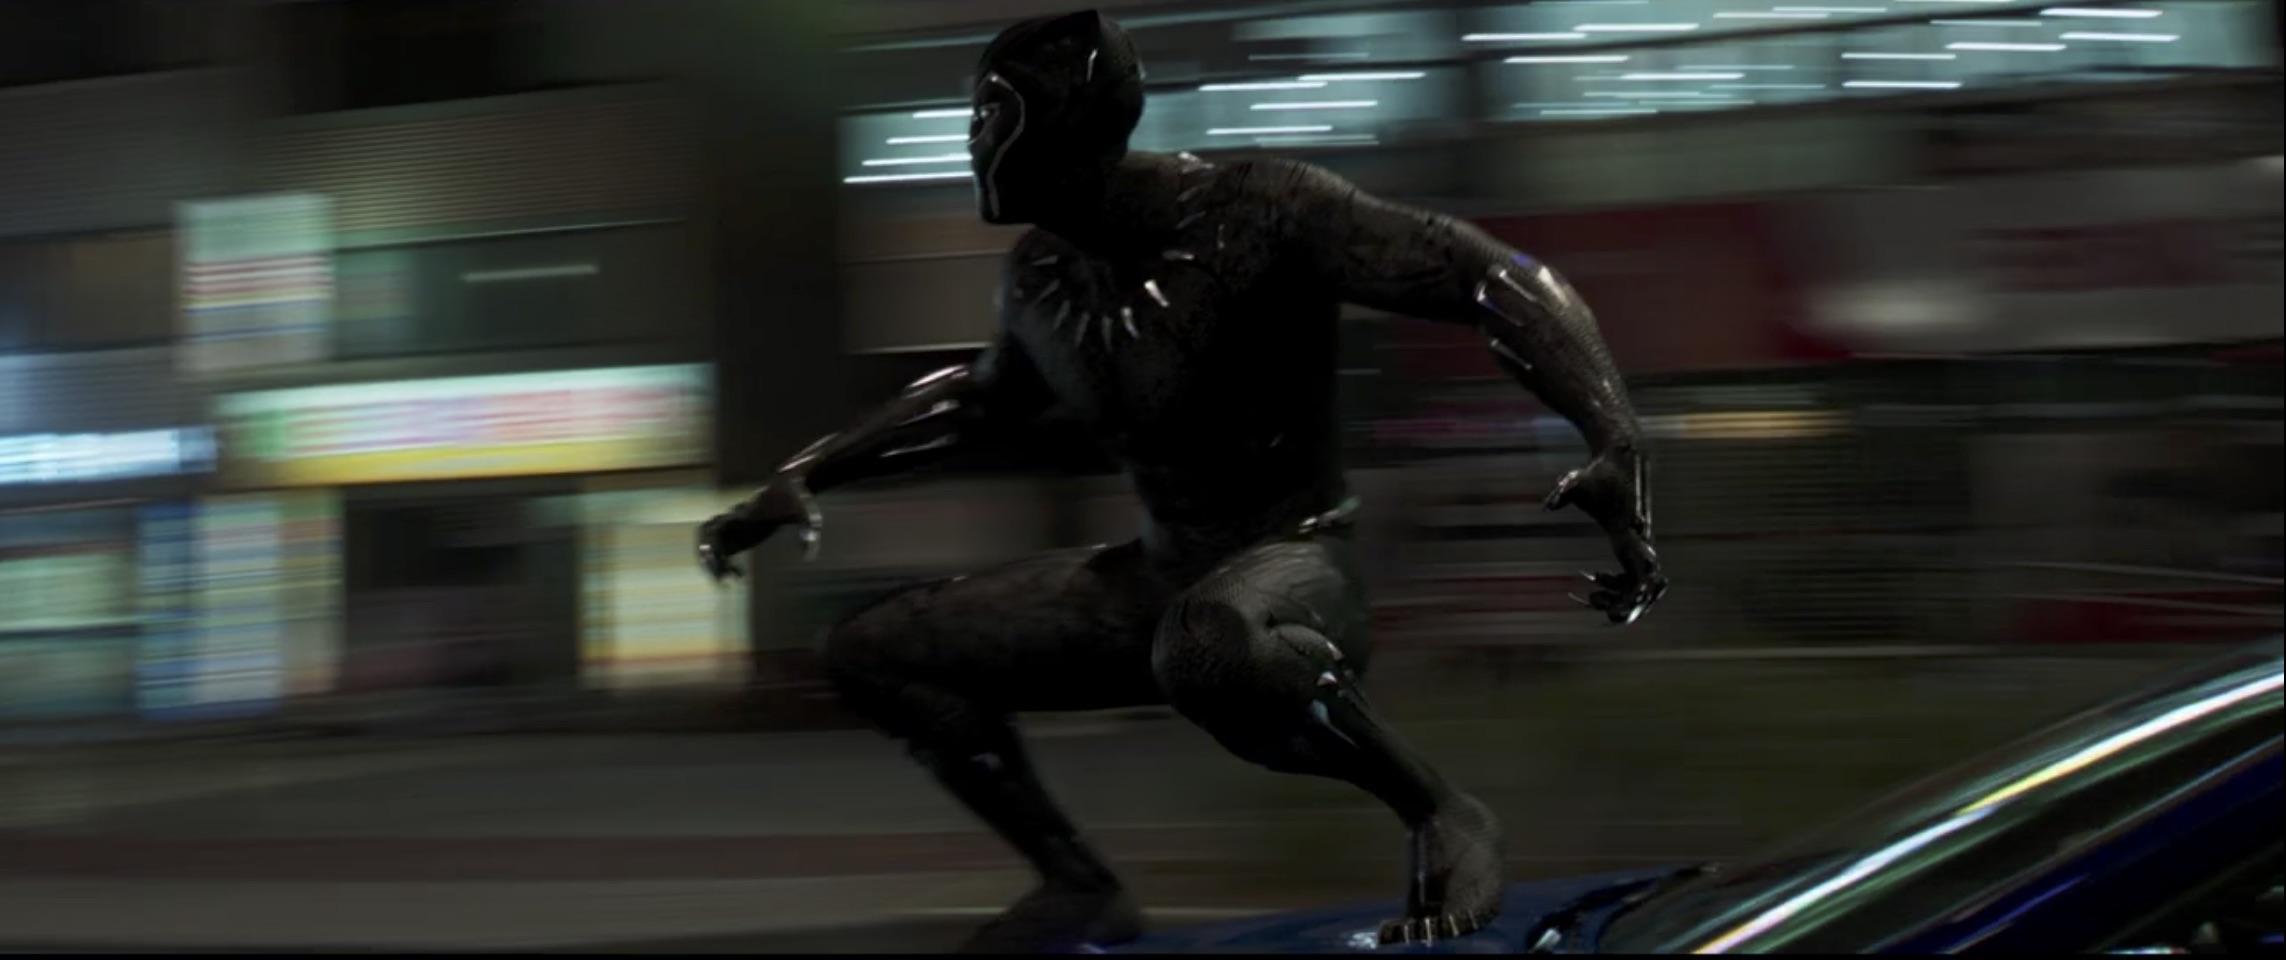 Marvel Black Panther car surfing